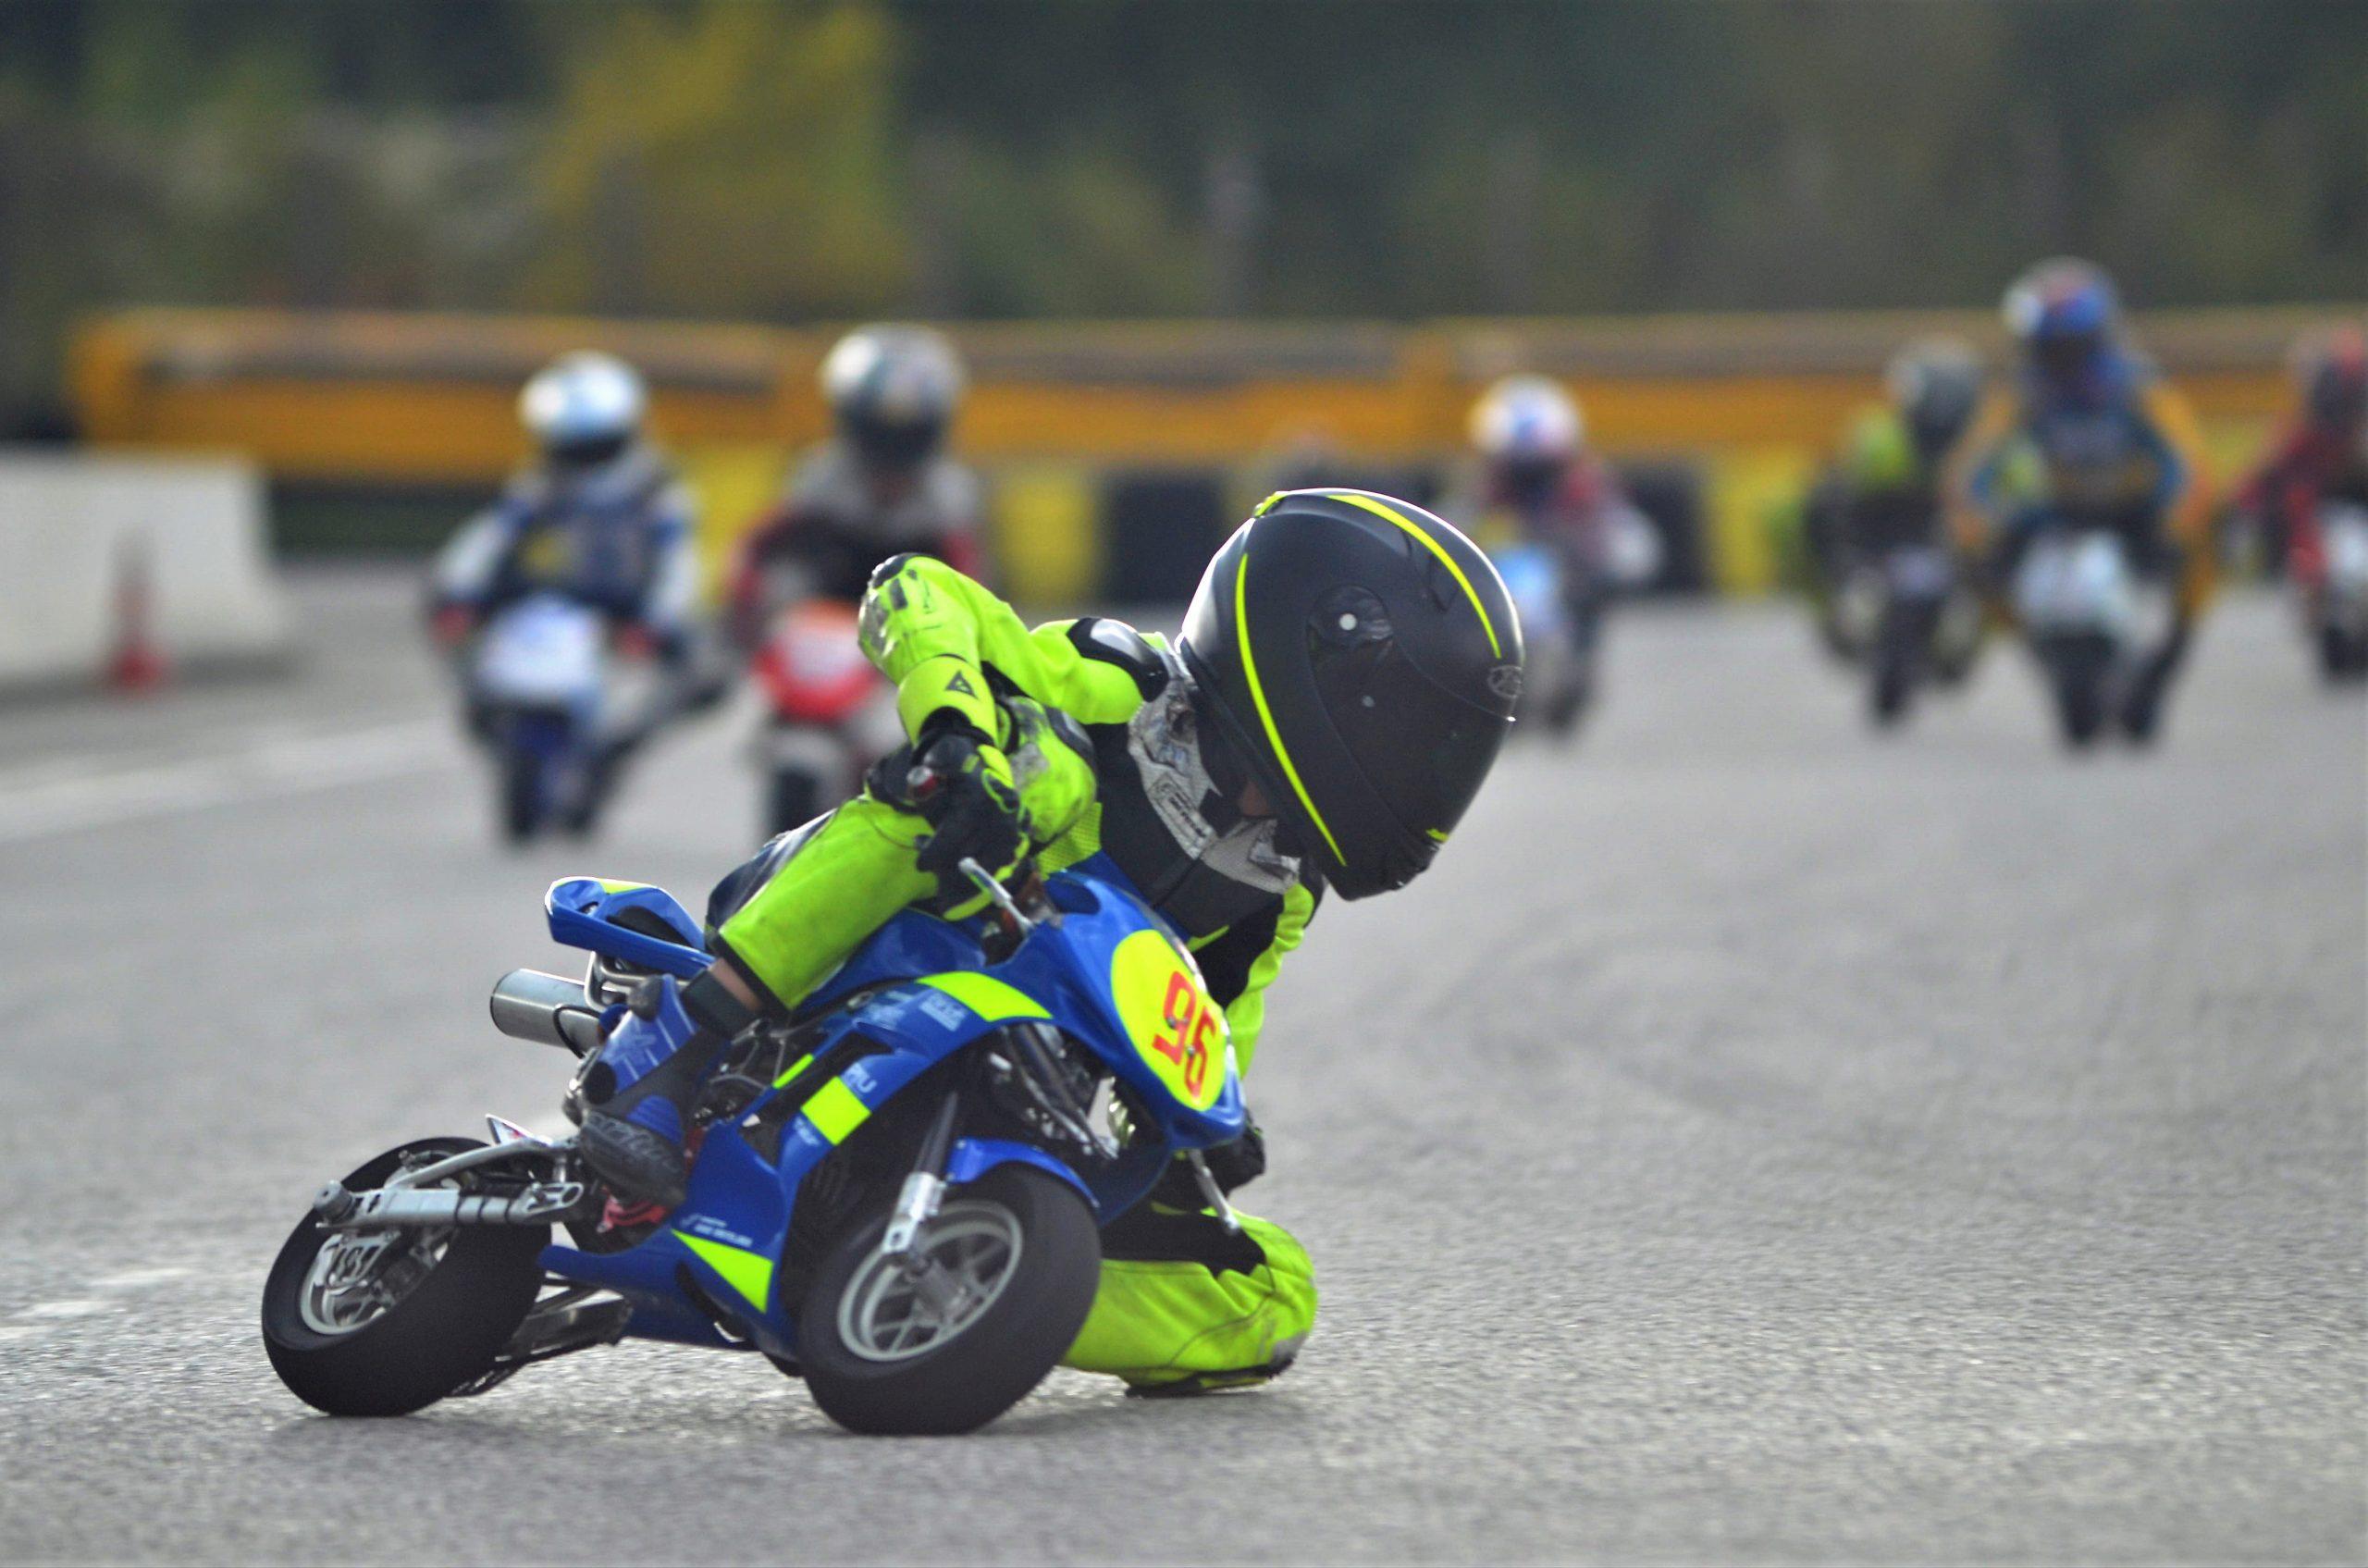 Tadej Maver Guštin: un pilota dodicenne che la prossima stagione correrà con gli adulti